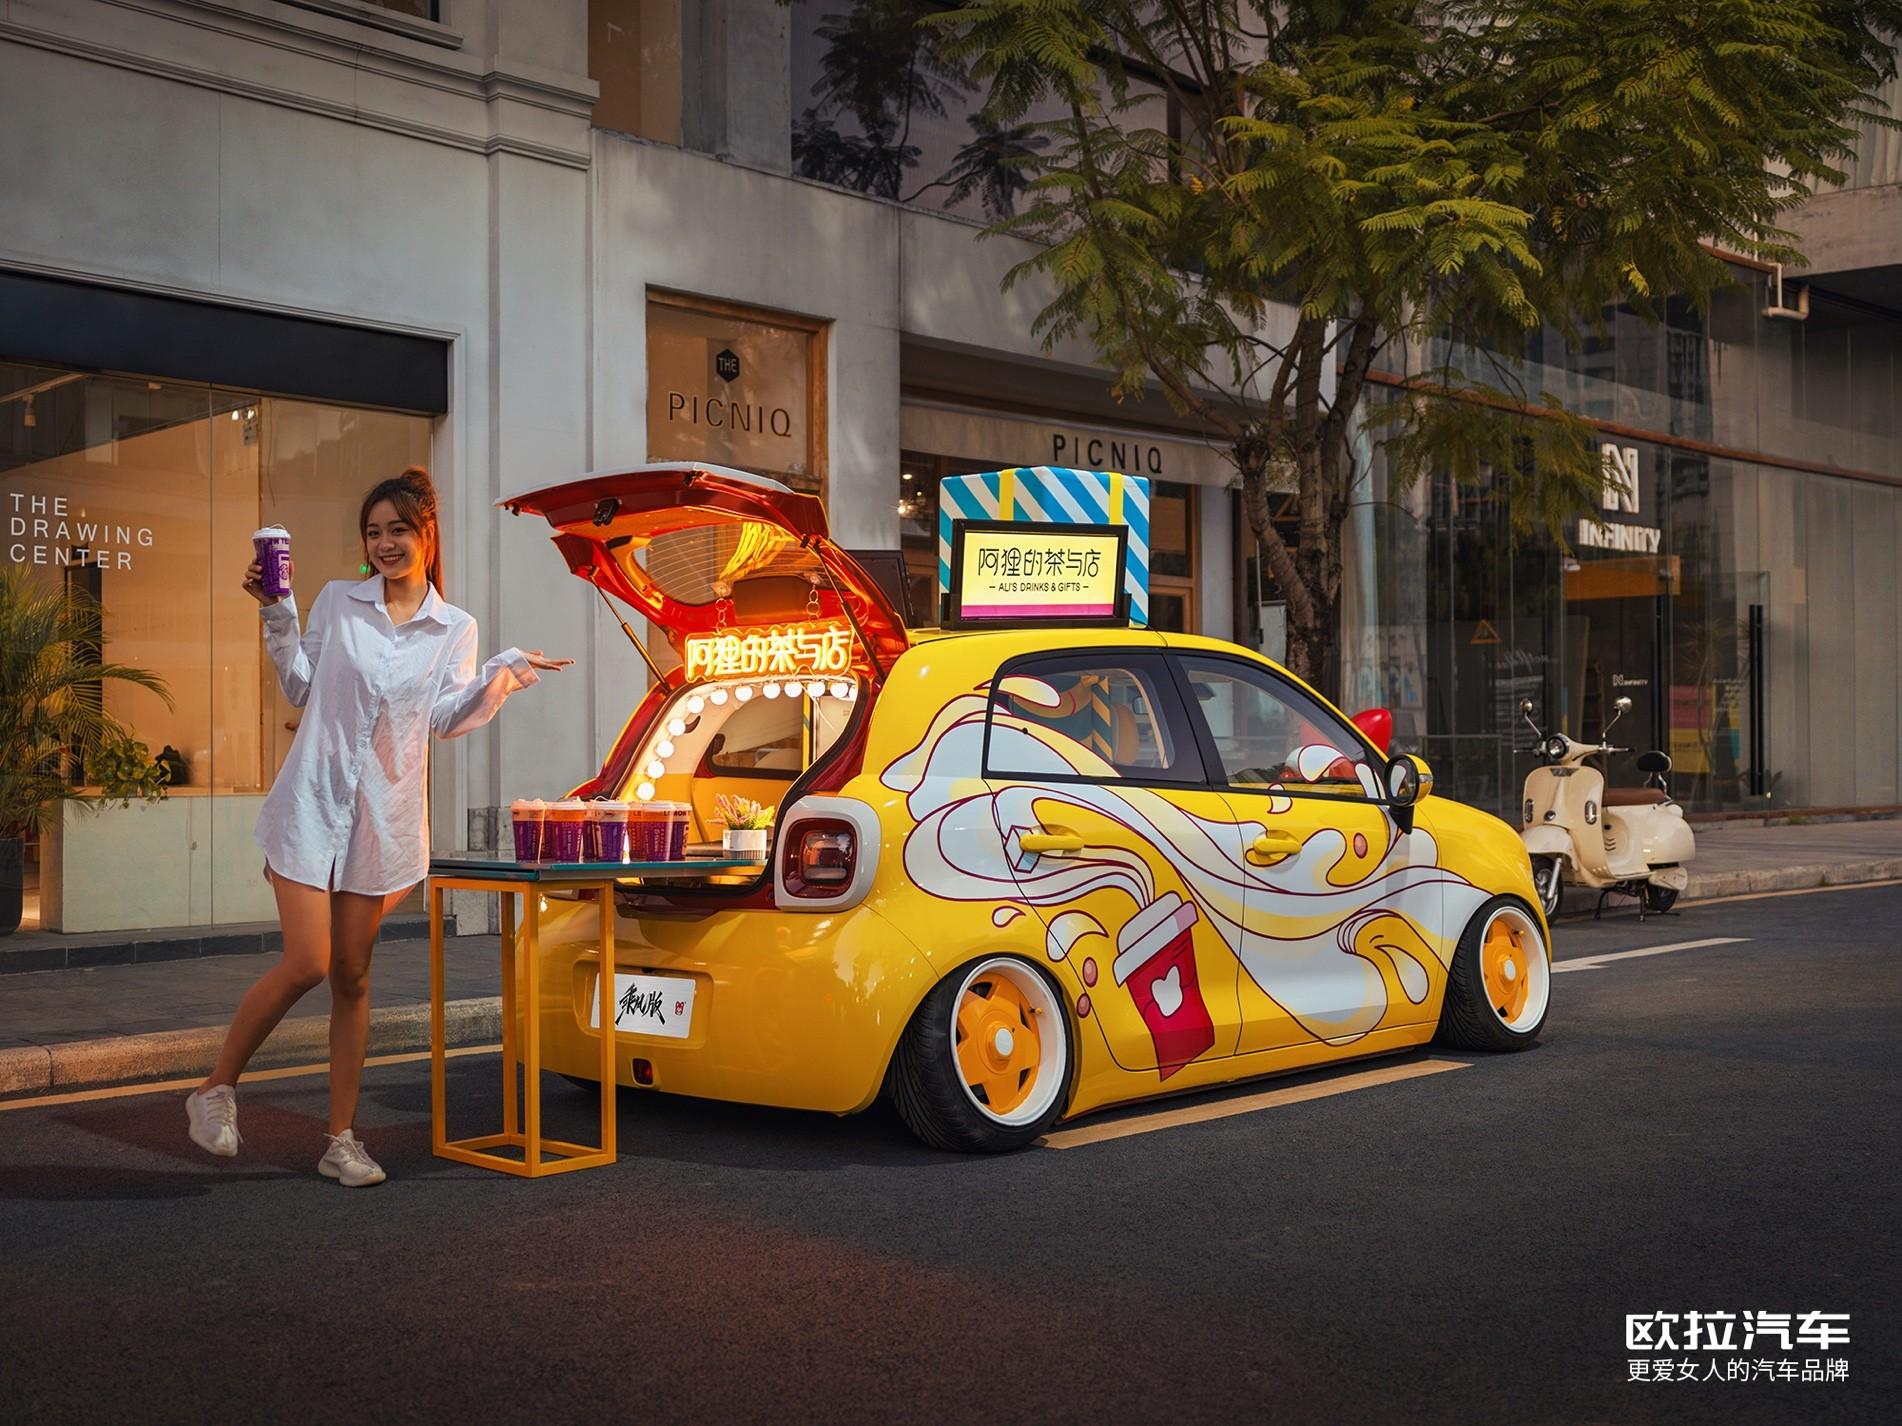 引领消费新范式,欧拉开启中国汽车订阅化服务新时代!-第6张图片-汽车笔记网